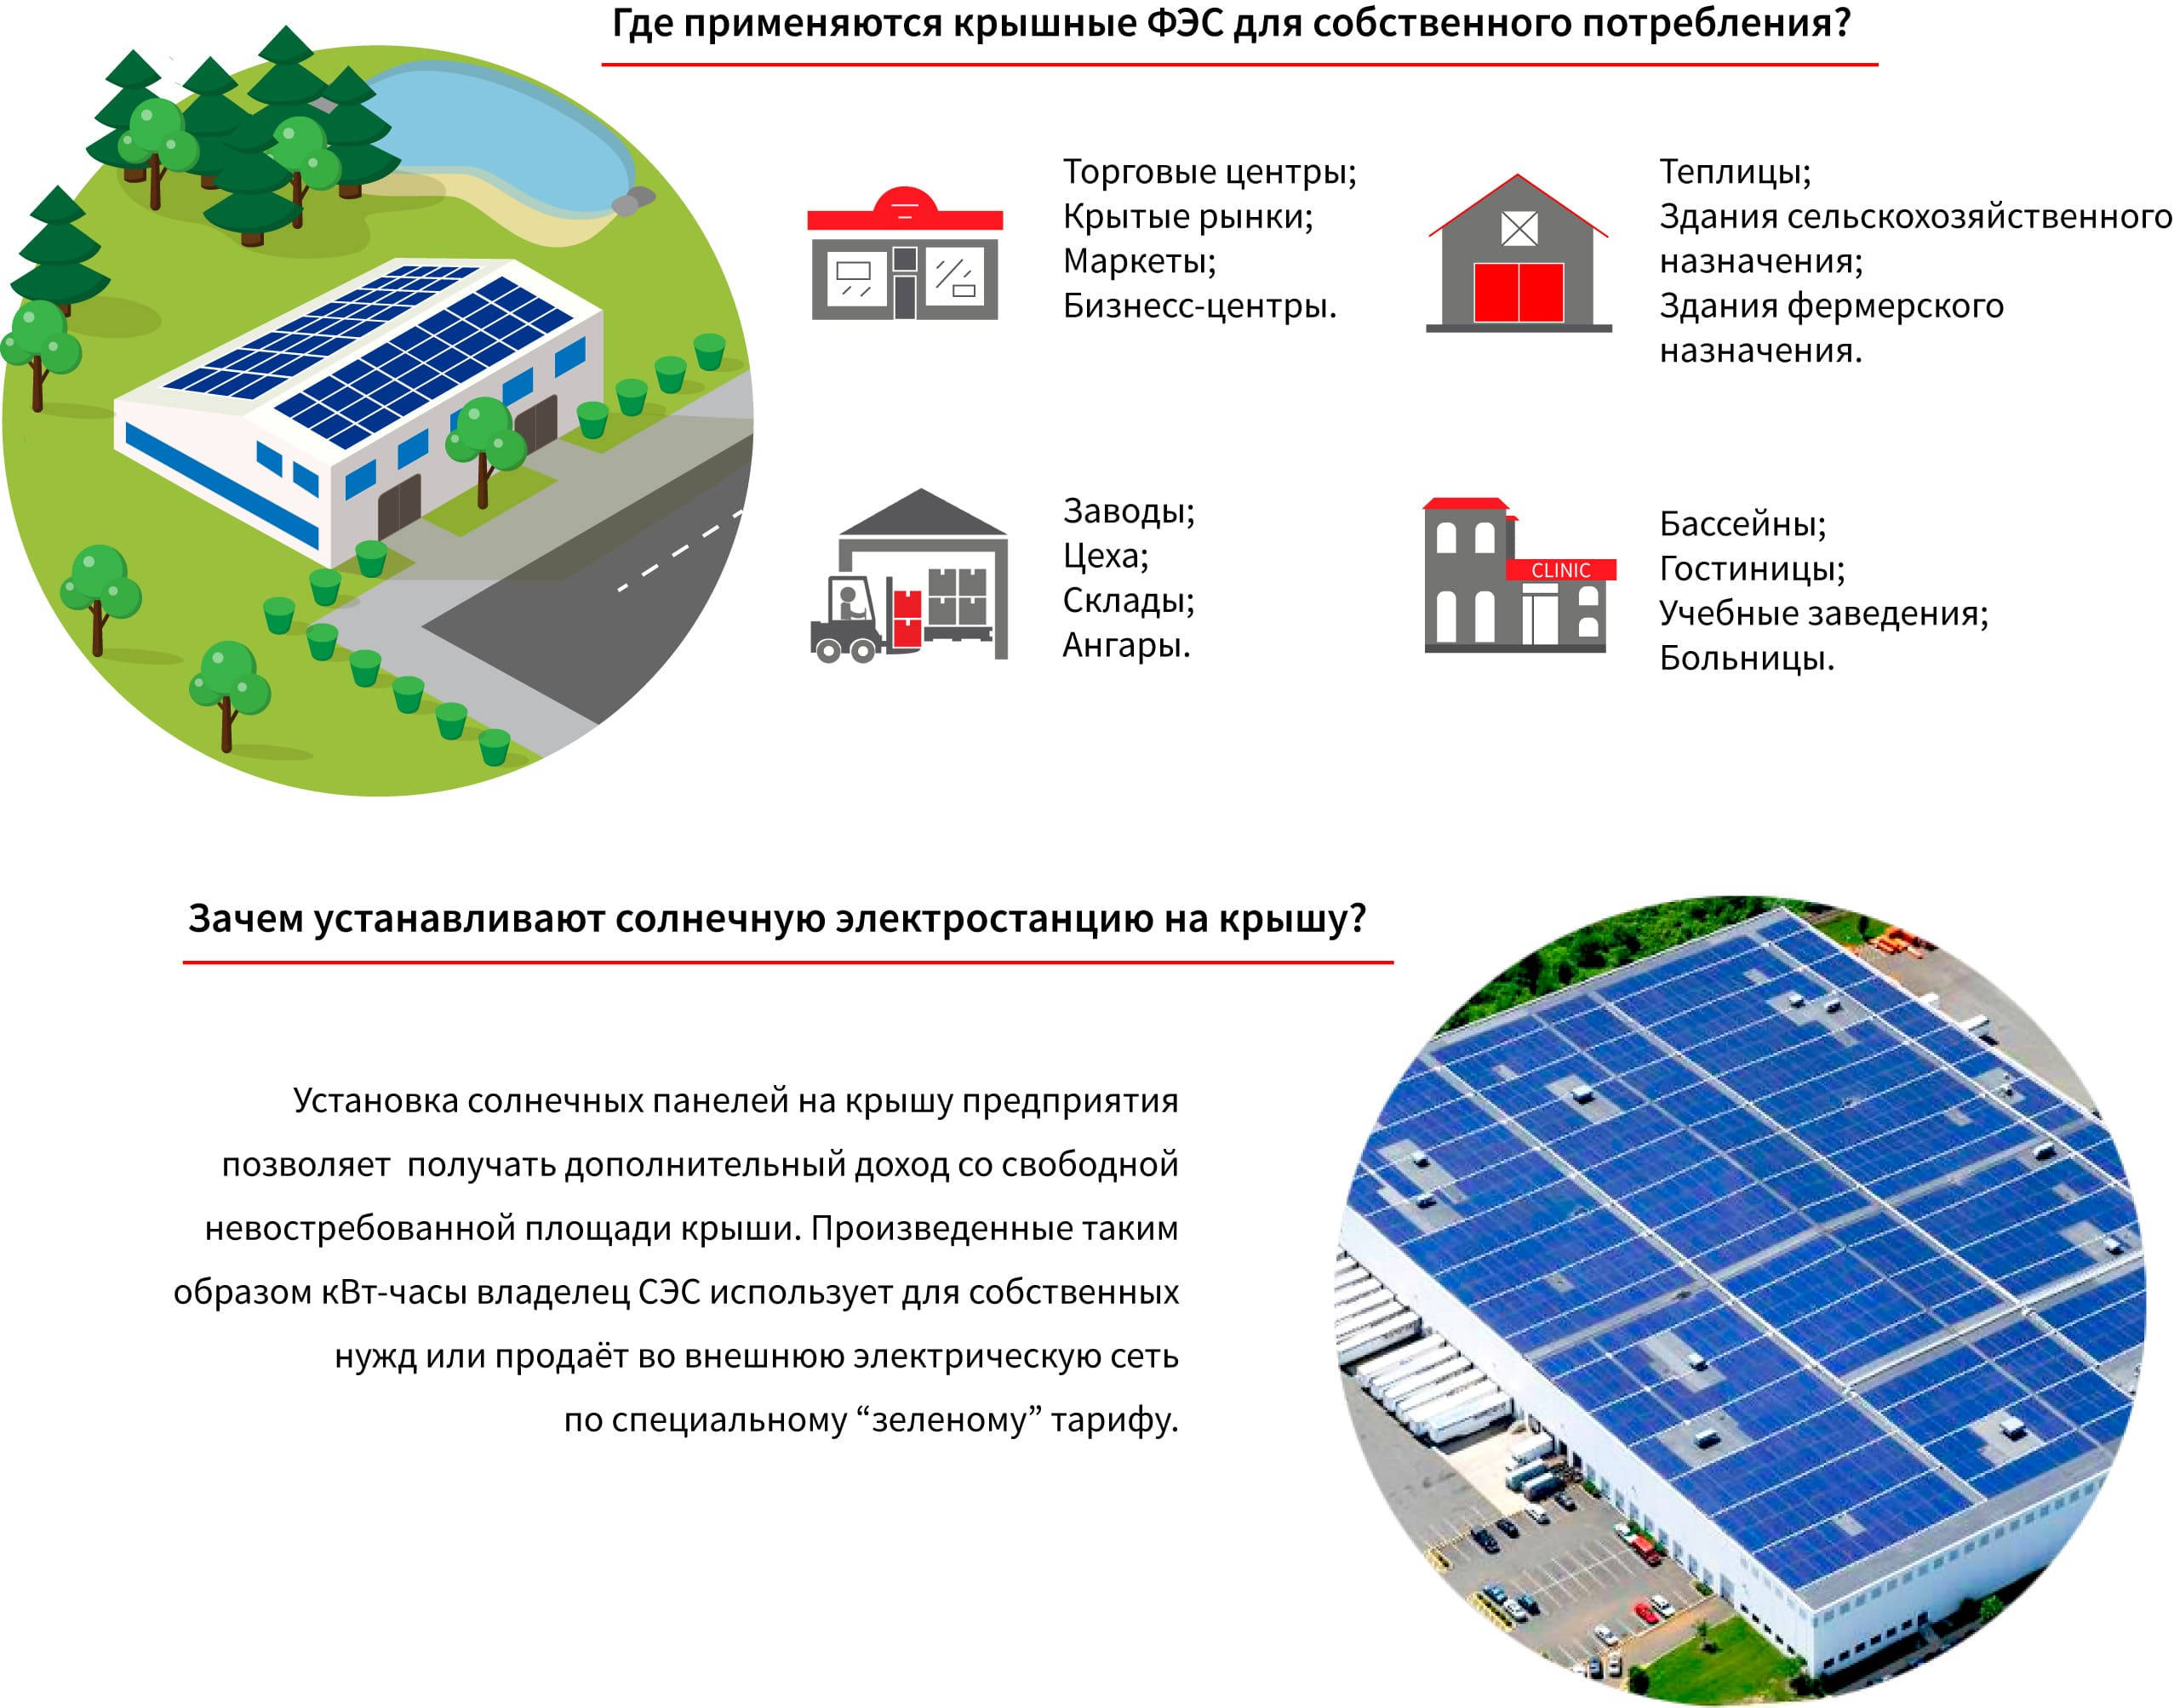 строительство крышных солнечных электростанций